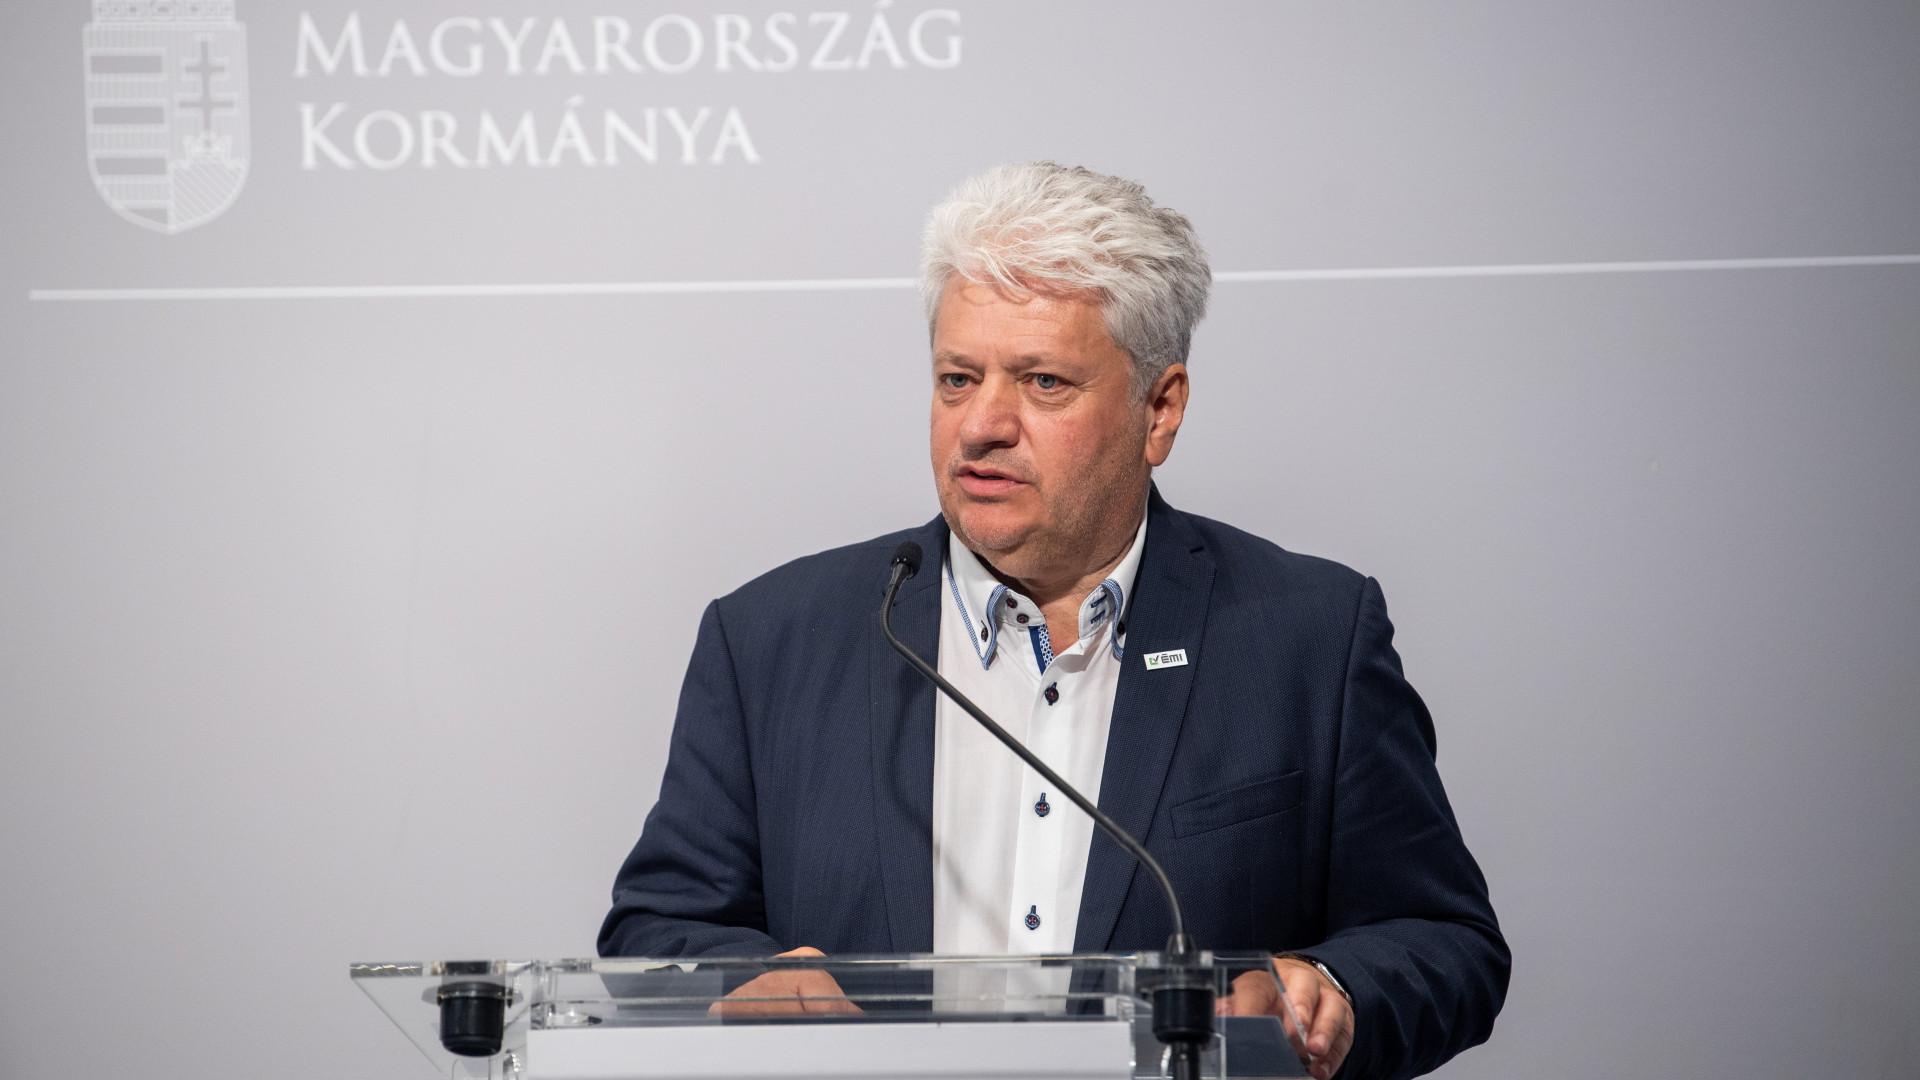 Oroszországgal is egyeztet a kormány az építőipari anyagok beszerzéséről